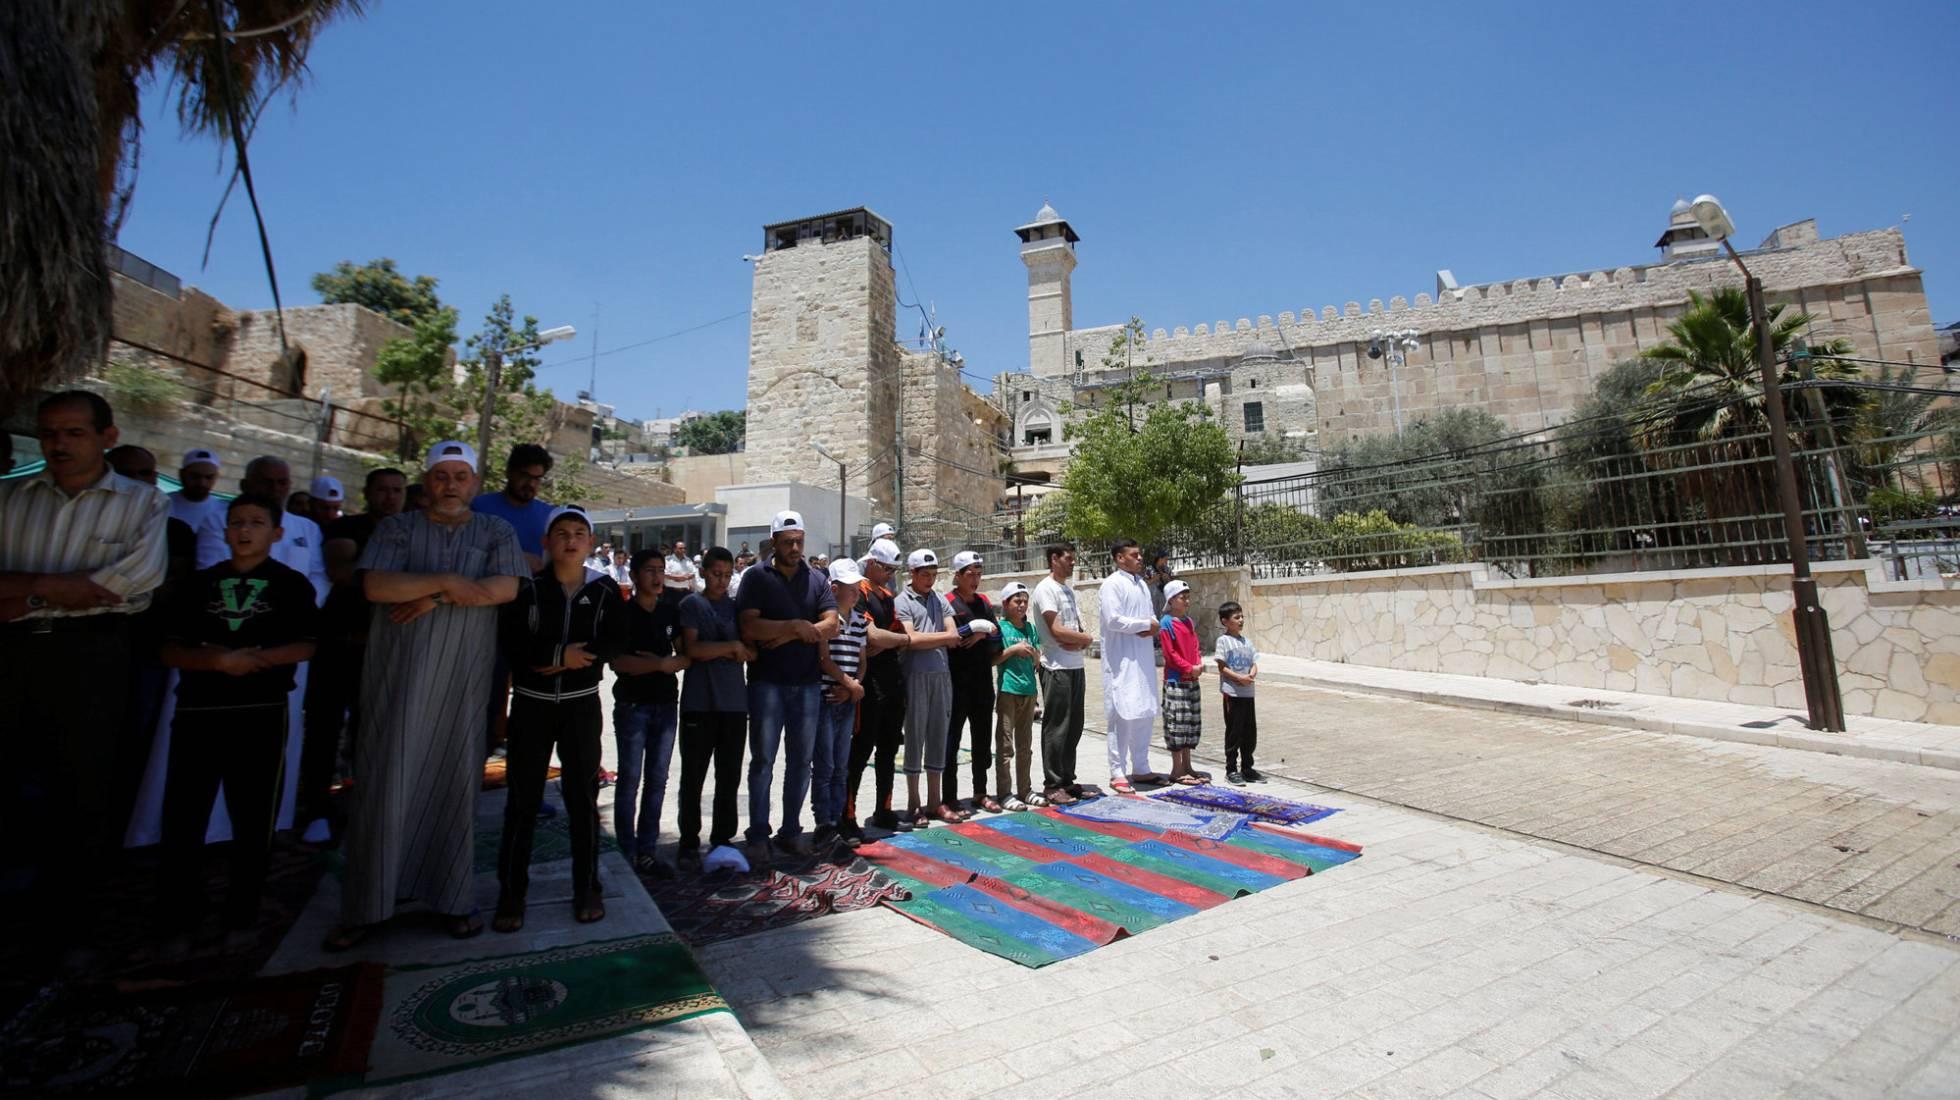 Conflicto Israel-Palestina - Página 29 1499437126_973632_1499437989_noticia_normal_recorte1